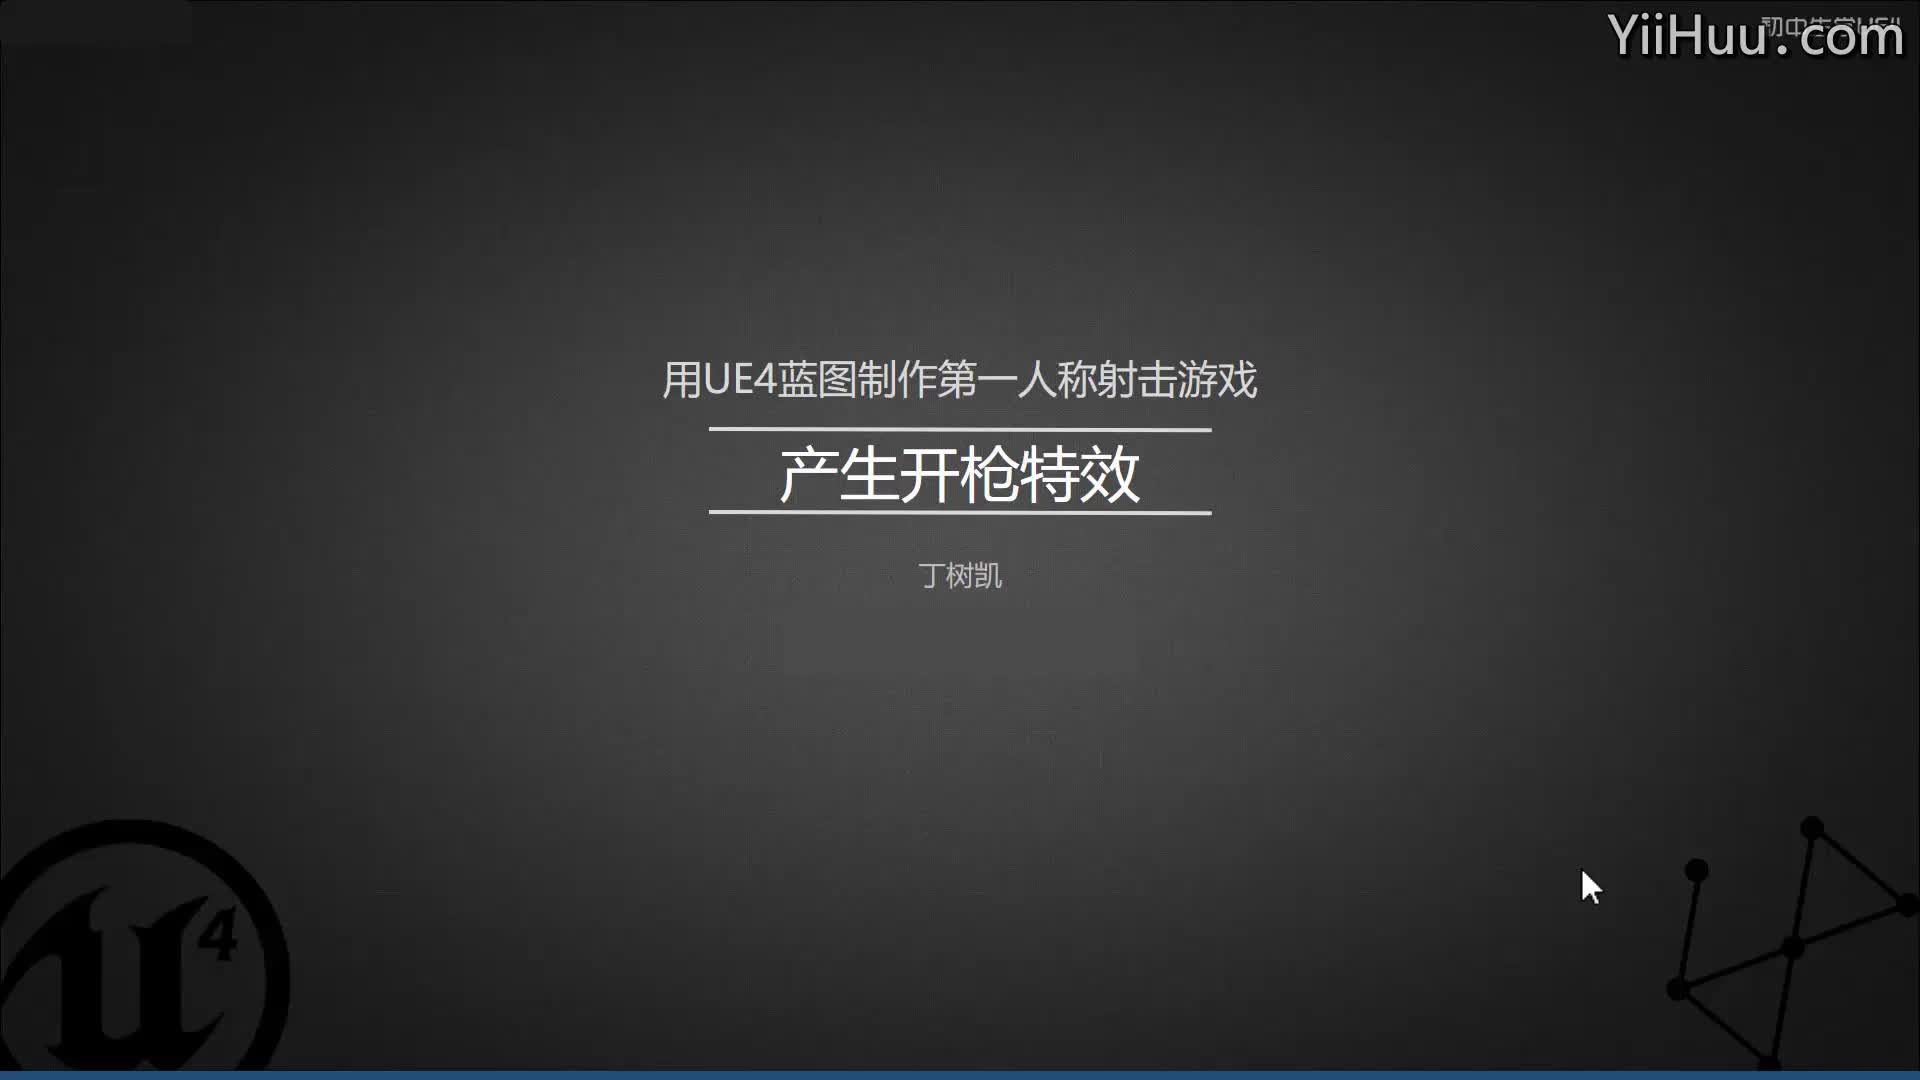 UE4视频:开枪产生壁纸技巧课时_翼狐网自贴教程特效图片